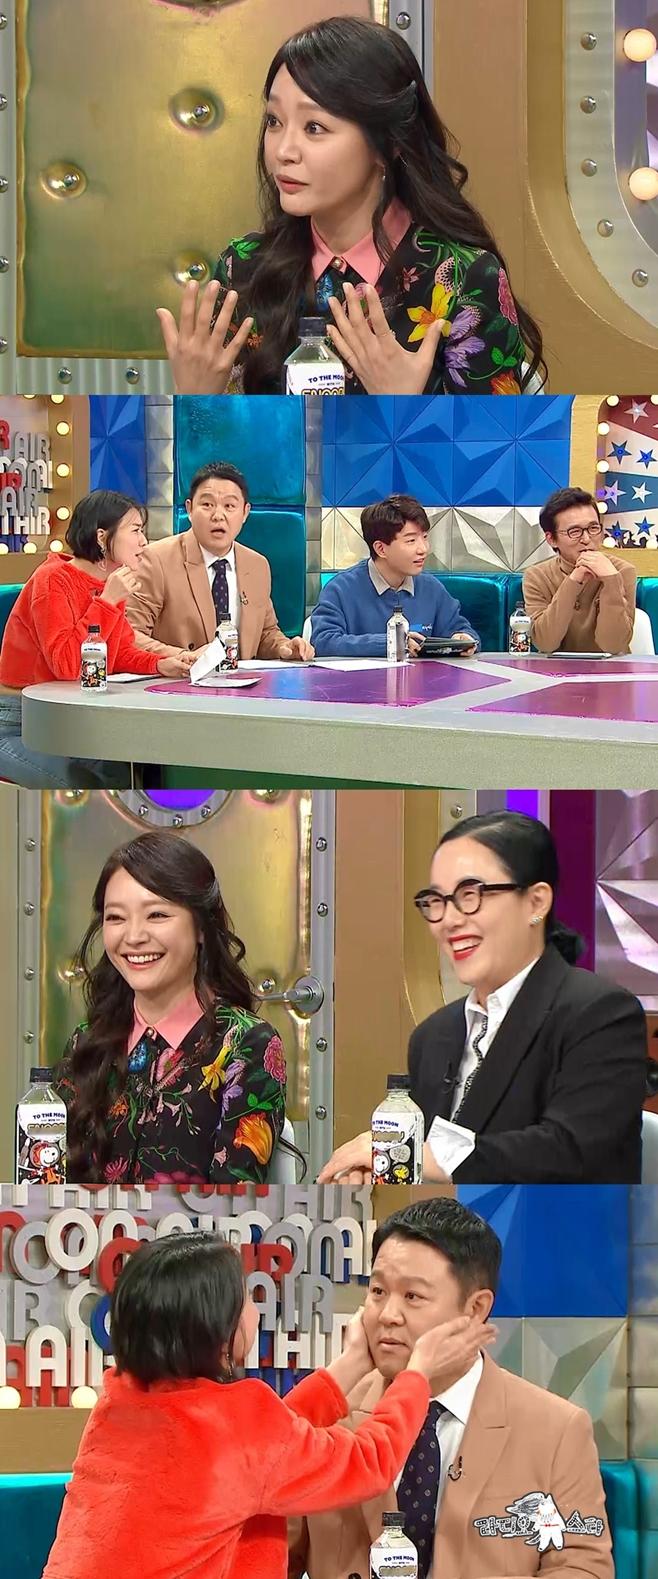 라디오스타, 김소현, 손준호